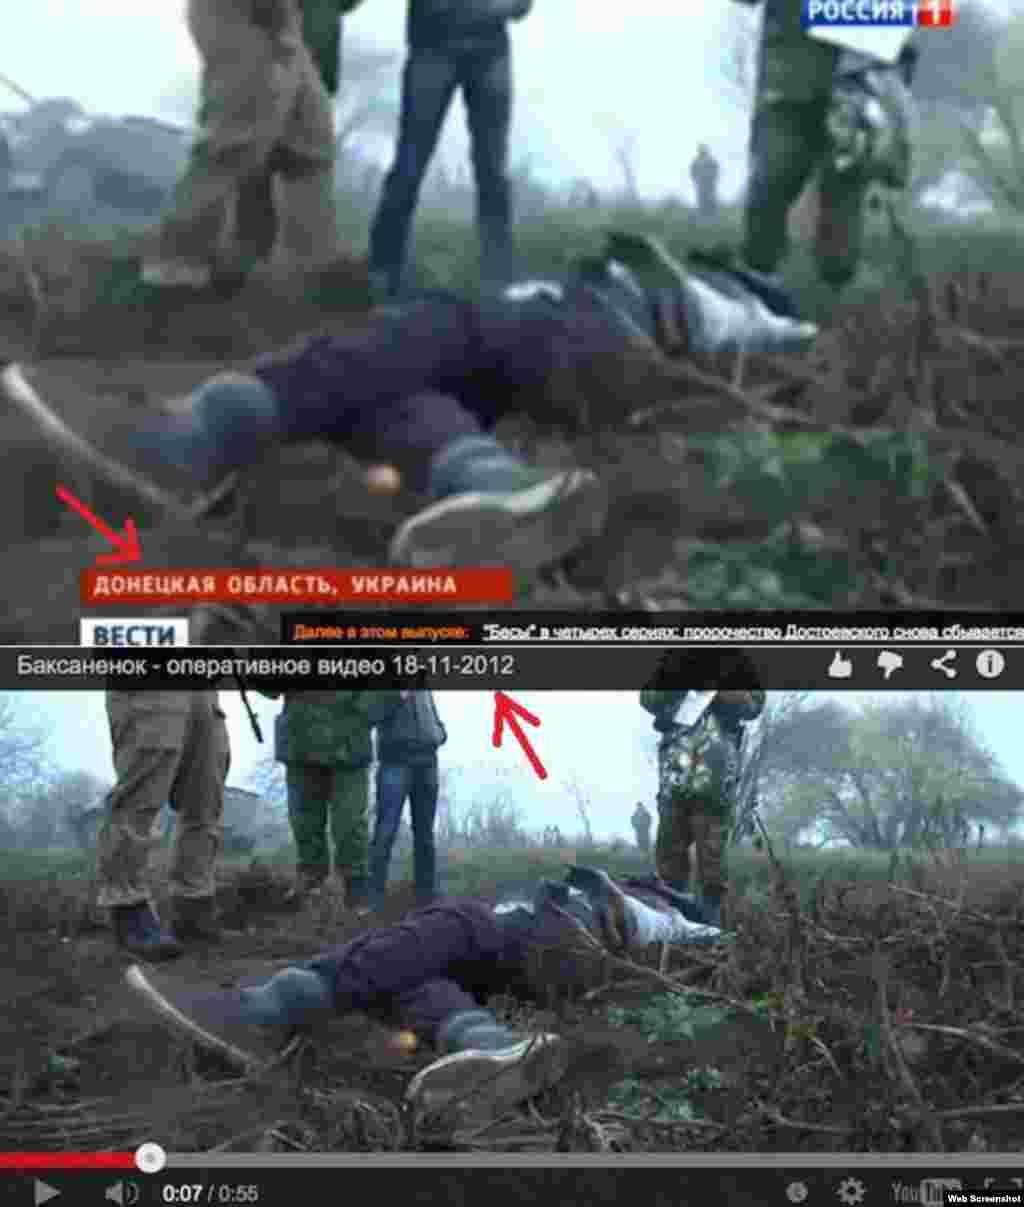 Мужчина, якобы убитый под Донецком Национальной гвардией Украины, на самом деле был расстрелян в Кабардино-Балкарии в 2012 году.